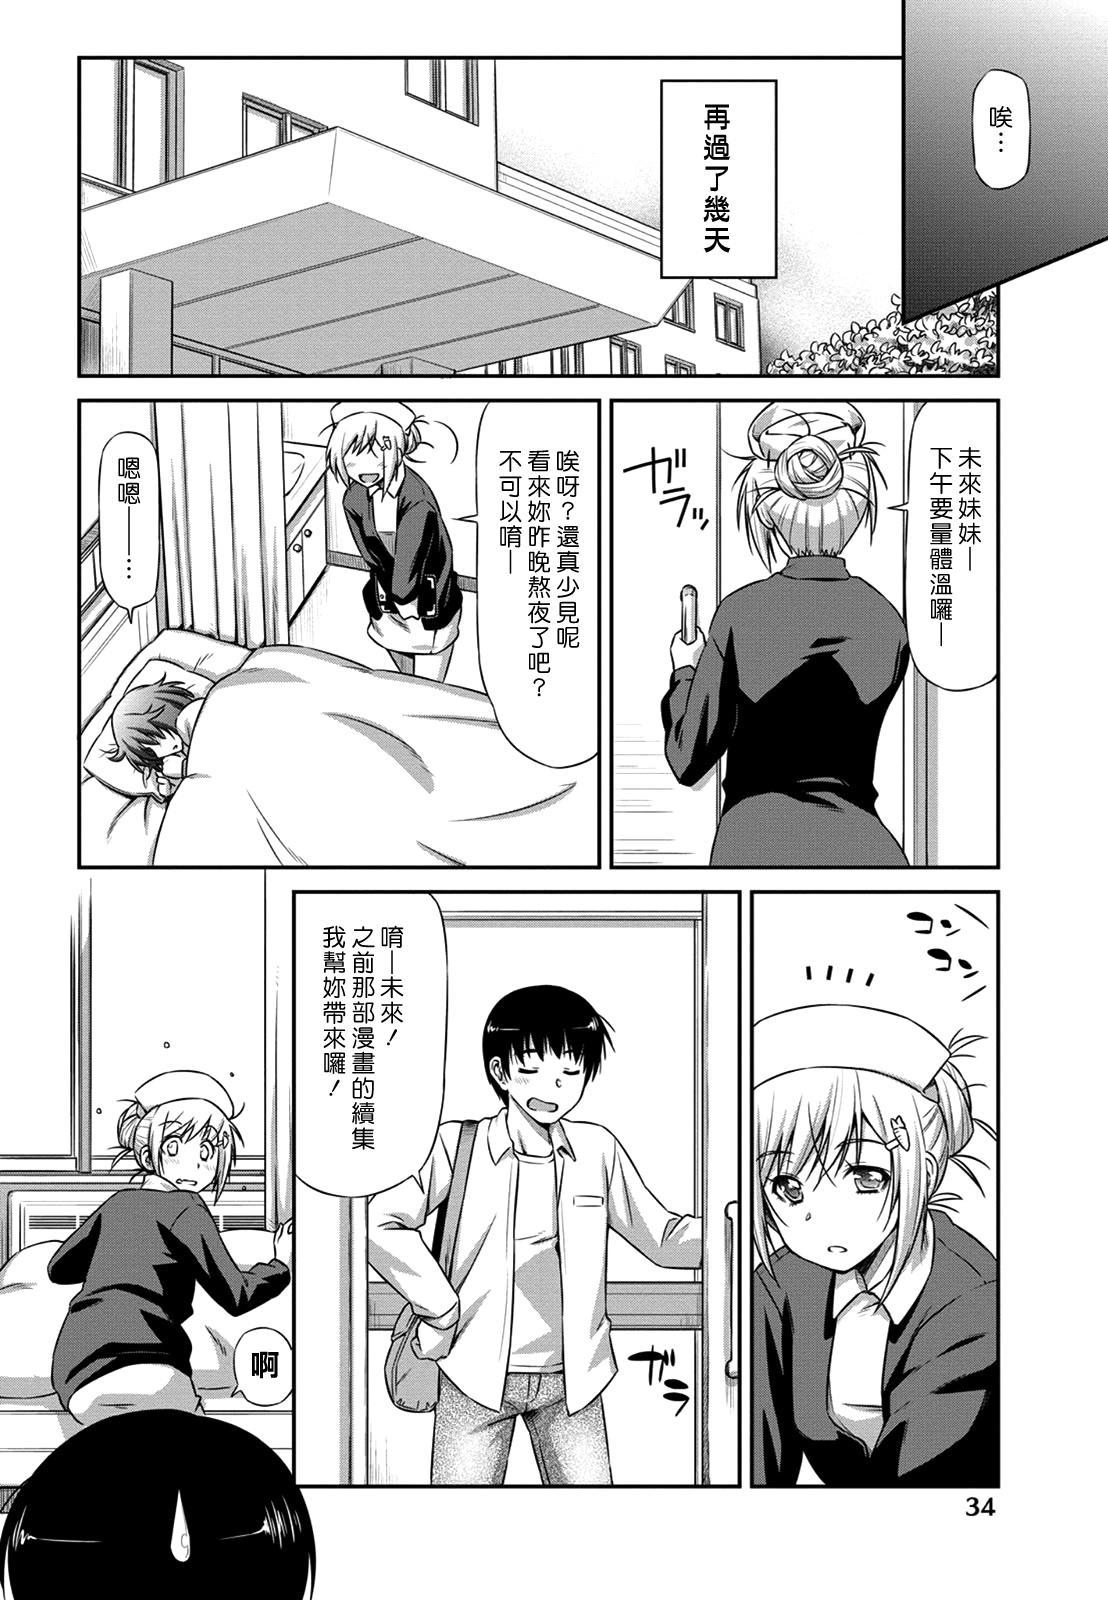 Giyaku no Shohousen 9